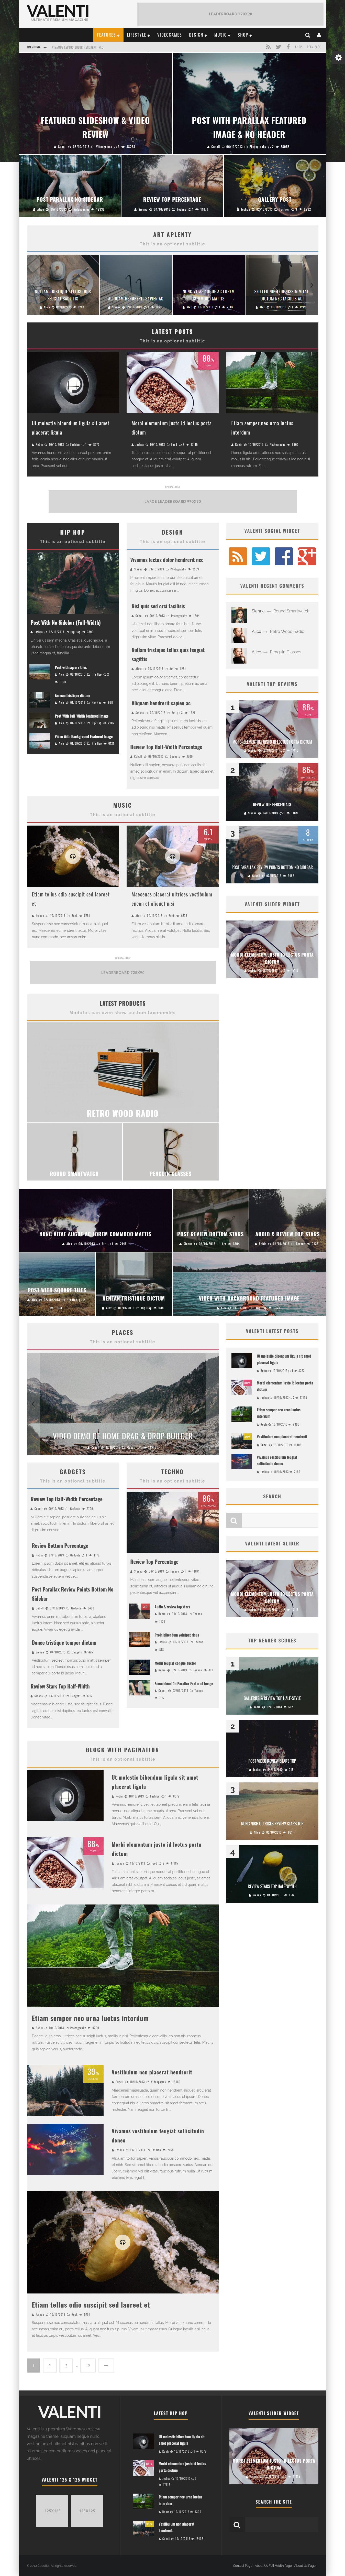 Valenti - Mejor tema de WordPress de revisión premium